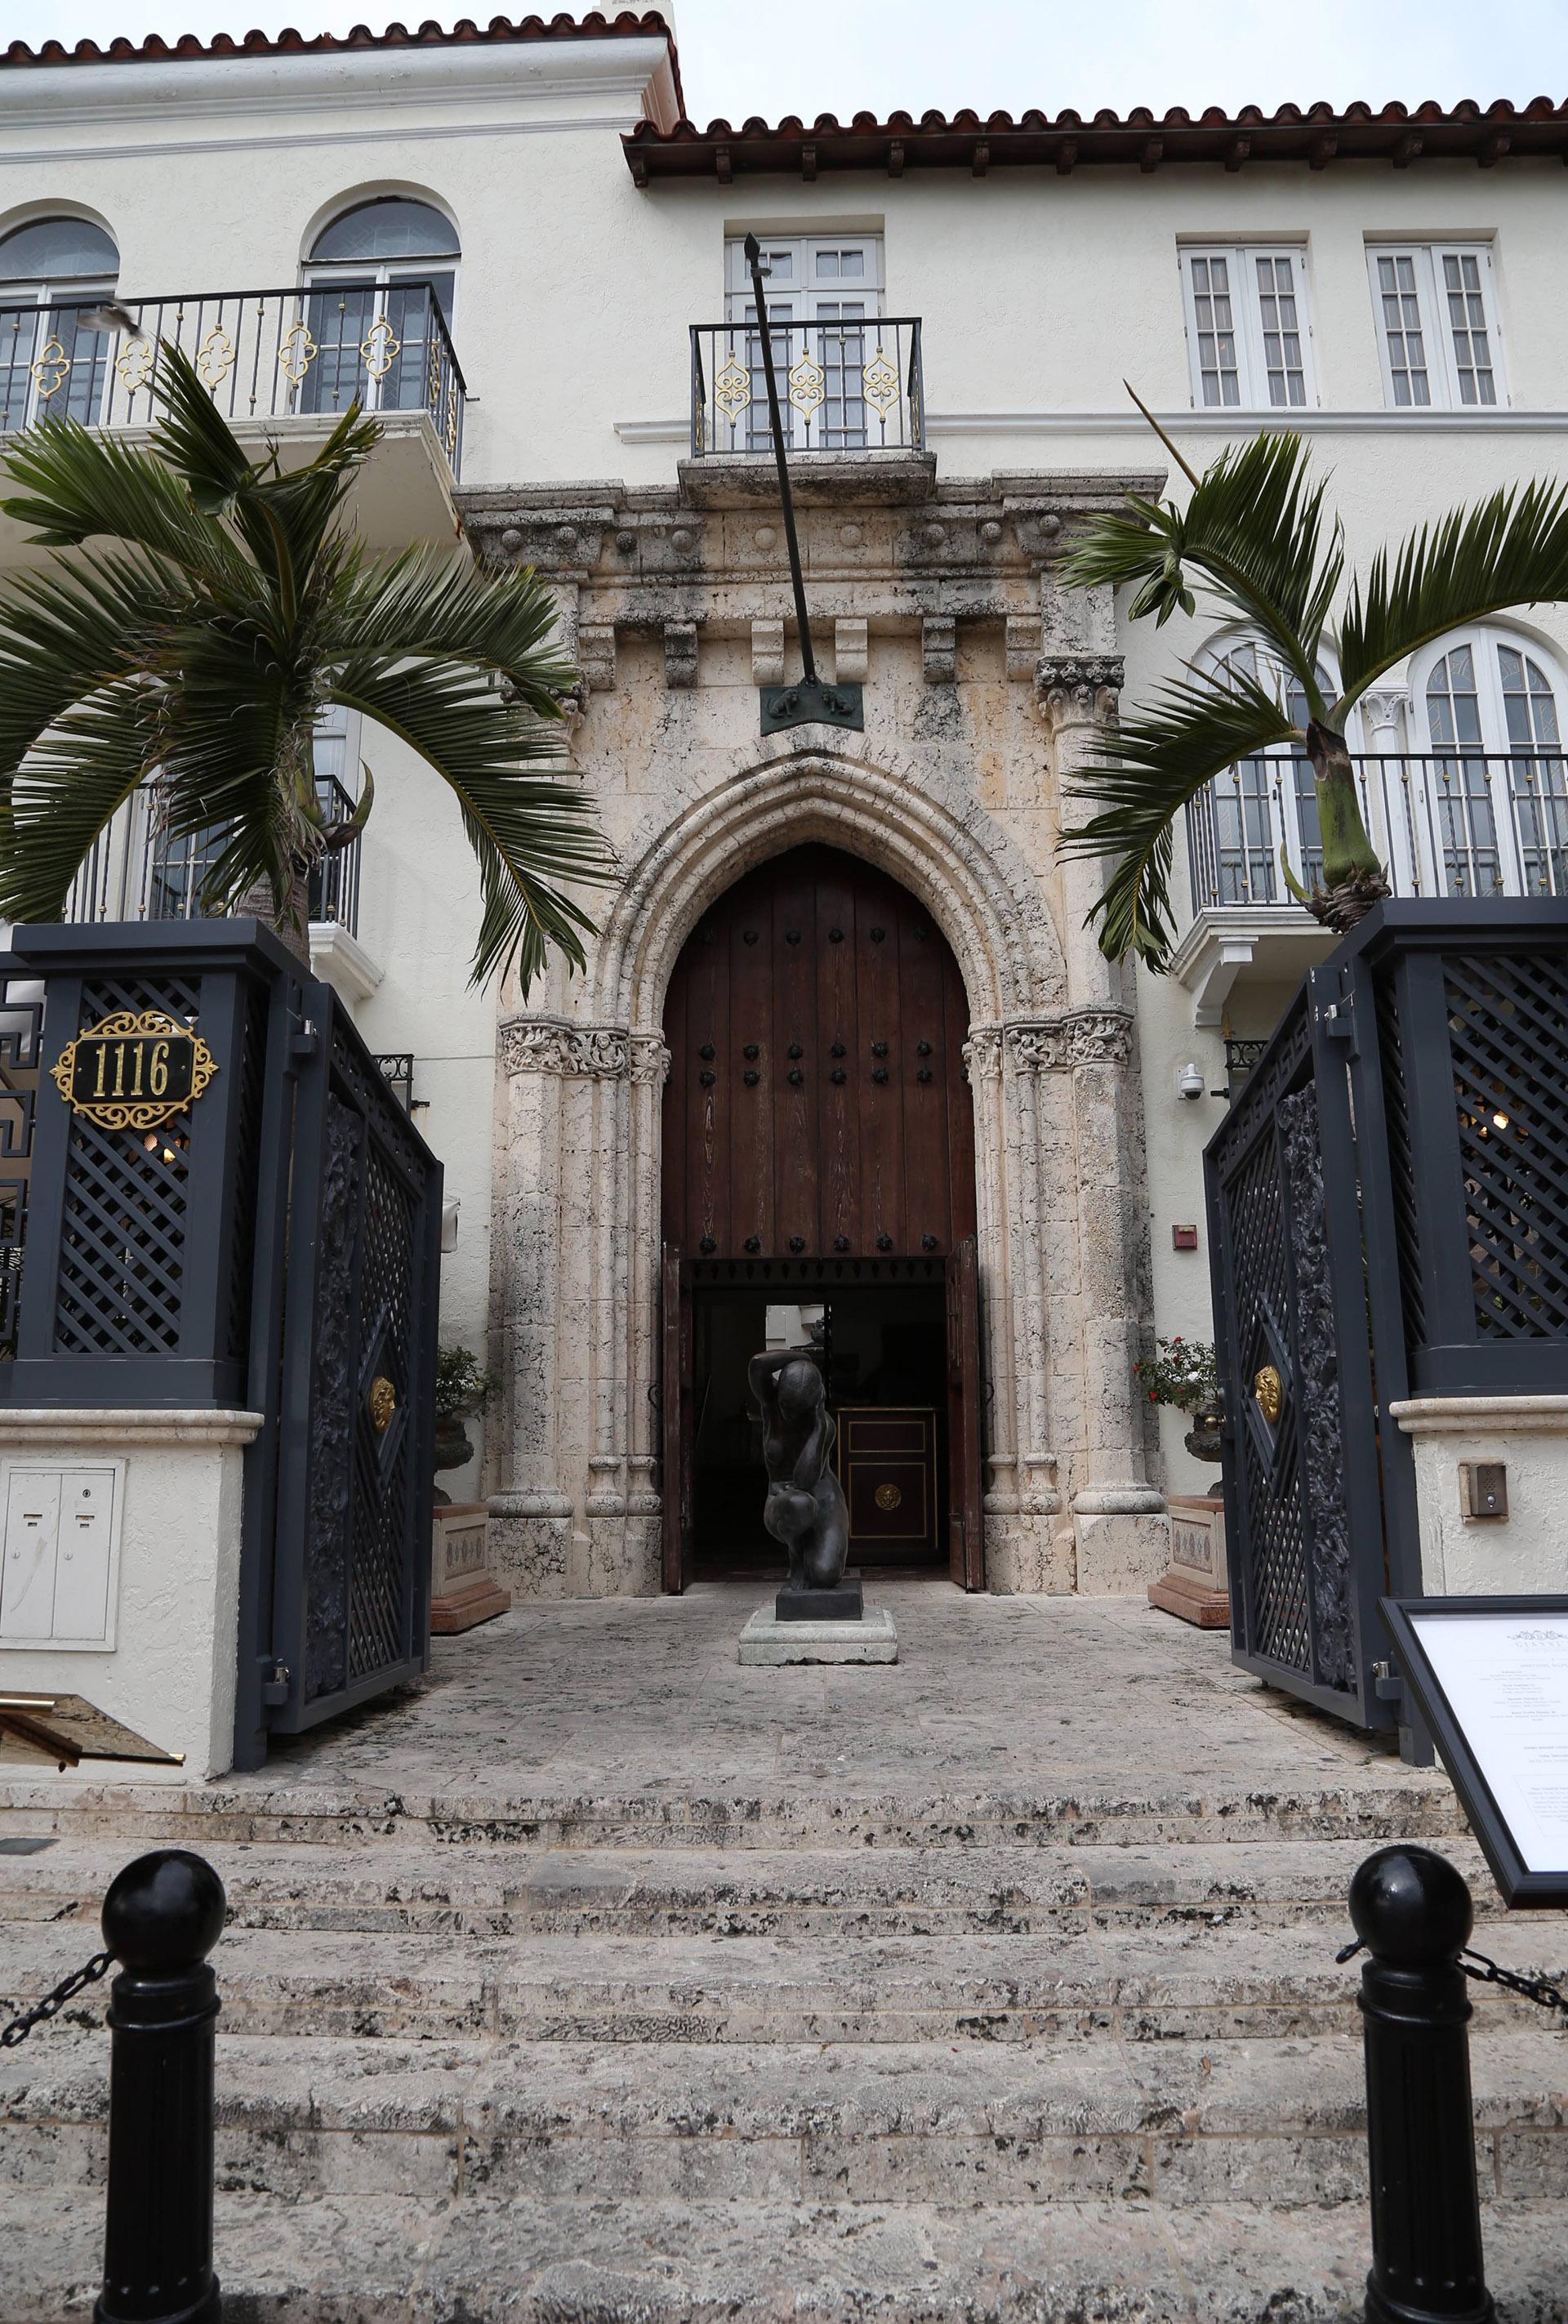 Con la puerta de hierro abierta de par en par: así se ve hoy la entrada de lo que fuera la mansión de Versace (Foto: Luis Fernández / Teleshow)